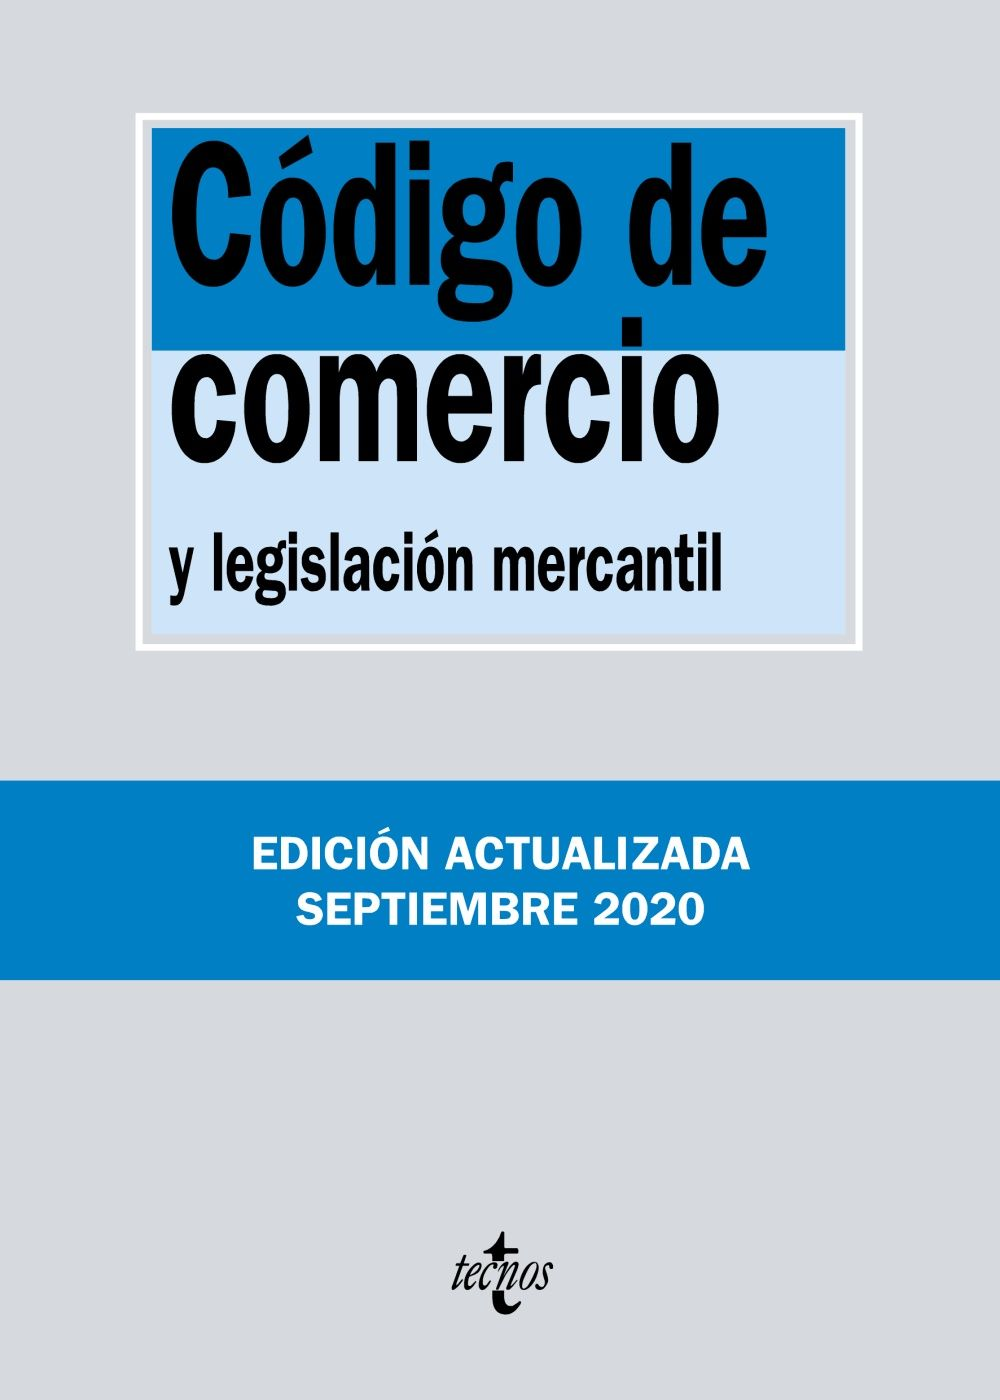 CODIGO DE COMERCIO Y LEGISLACION MERCANTIL